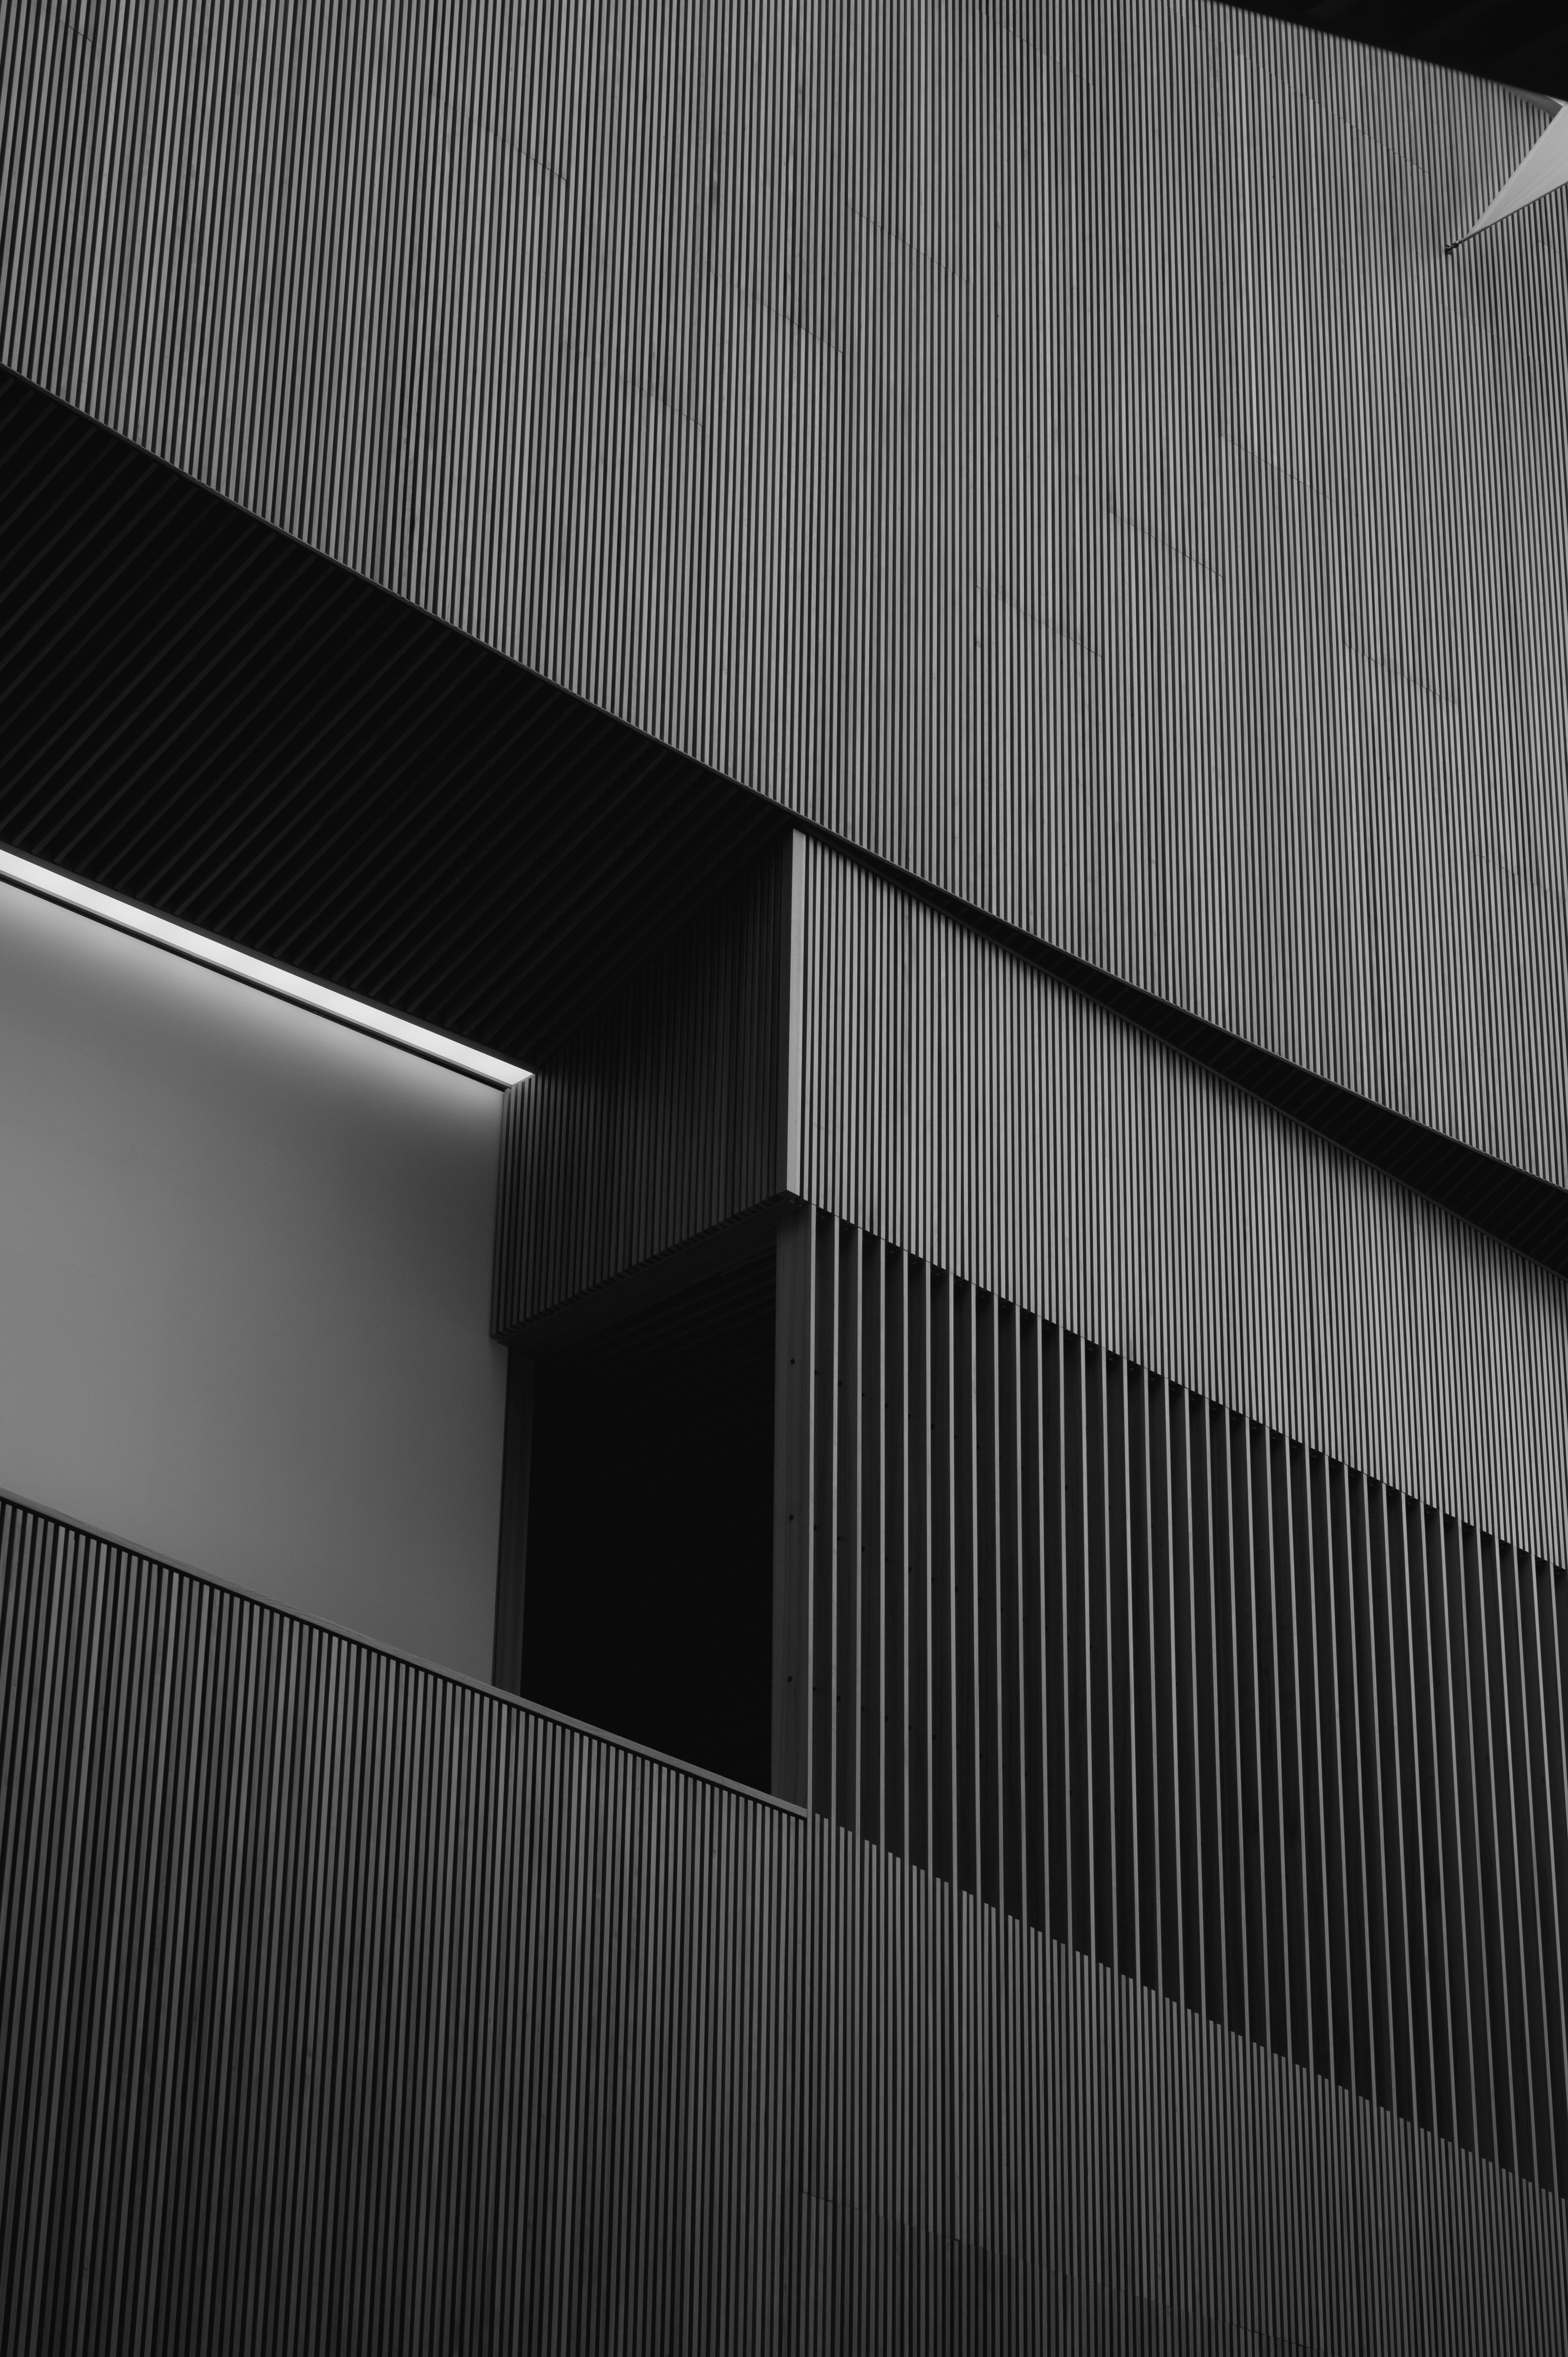 53687 baixar papel de parede Miscelânea, Variado, Prédio, Edifício, Listras, Estrias, Preto E Branco, Preto-E-Branco, Bw, Chb, Arquitetura - protetores de tela e imagens gratuitamente